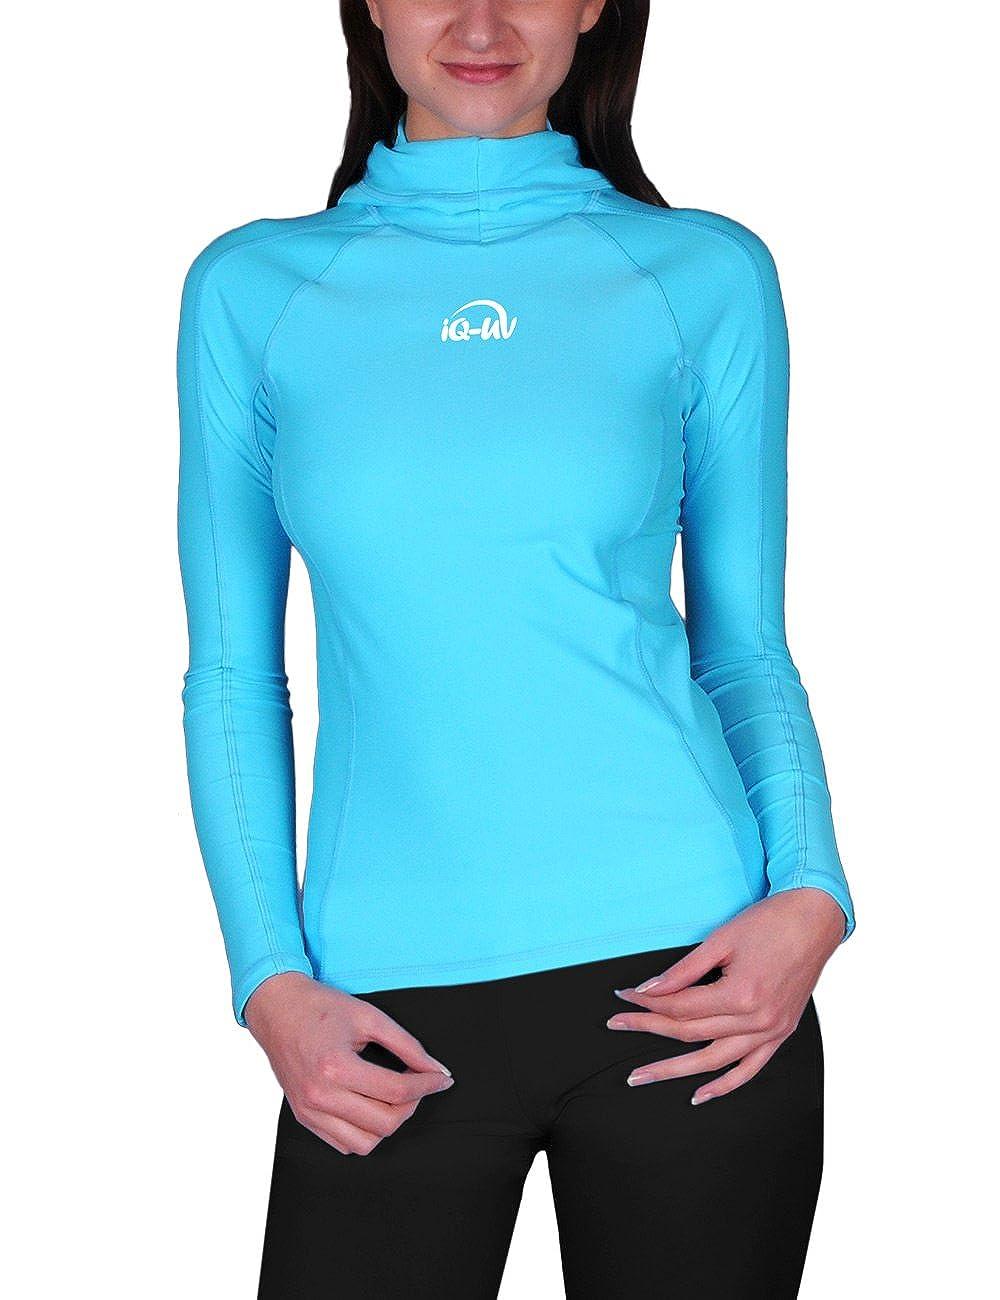 TALLA XL. iQ UV 300 Camiseta Hooded de Brazos Largos, Ropa de protección UV